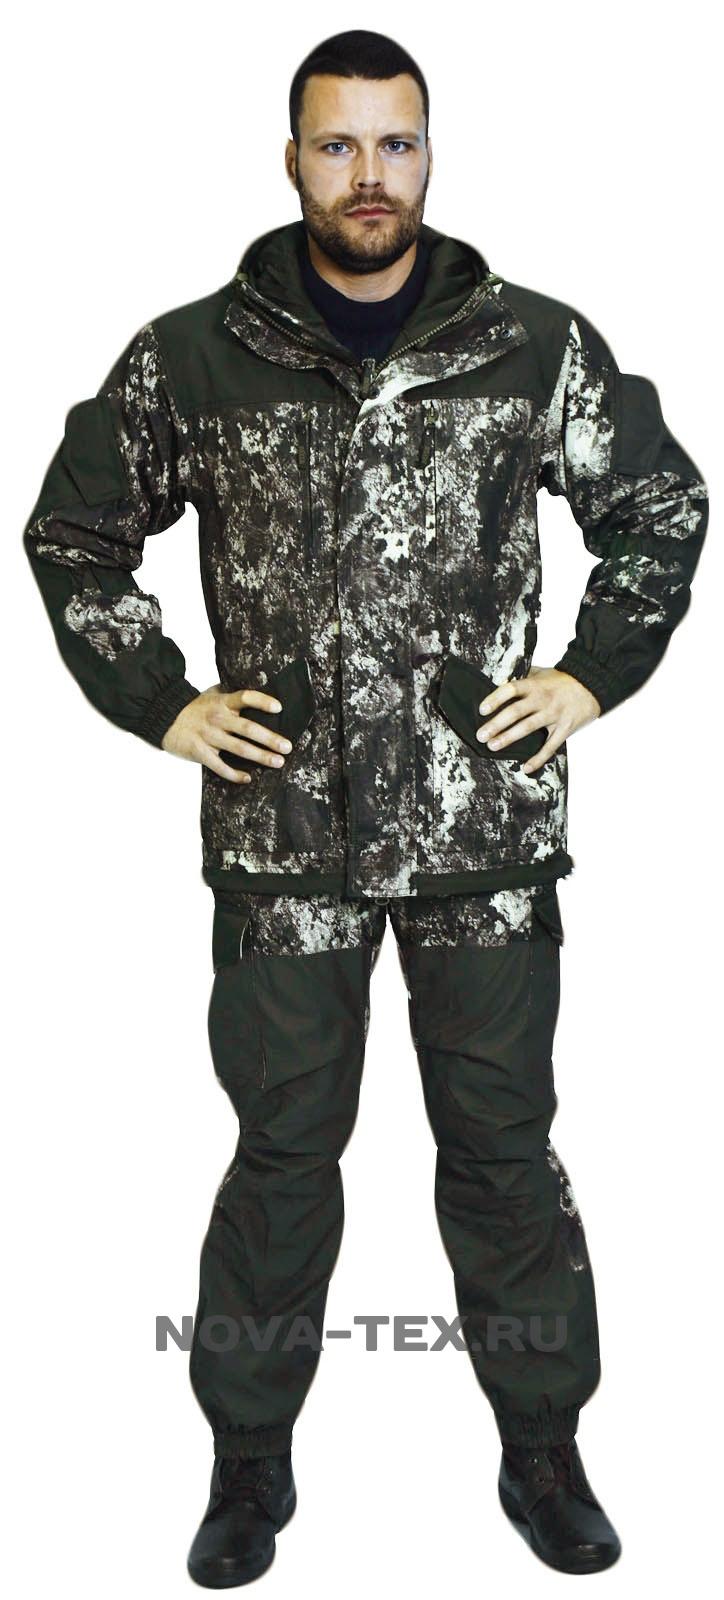 Костюм мужской Горка Осень-Дуплекс (130-61-1), Костюмы утепленные<br>Костюм «Горка Осень» ( ТМ «Payer») - разработан <br>в компании Novatex на основе легендарного костюма <br>«Горка», используемого в спецподразделениях, <br>а также огромным числом любителей всевозможного <br>экстрима. Костюм «Горка Осень» состоит <br>из куртки и брюк на подтяжках. Отличается <br>специальным анатомическим кроем, характерным <br>для данной линии одежды. Он не стесняет <br>движений, дает свободу перемещения в условиях <br>пересеченной местности. Верхний слой изготовлен <br>из современной ткани «Дуплекс», обладающей <br>отличными ветрозащитными свойствами, подкладка <br>из мягкого гипоаллергенного флиса обеспечивает <br>комфорт и тепло. Места повышенного износа <br>имеют дополнительное усиление мембранной <br>тканью «кошачий глаз», которая не пропускает <br>влагу снаружи, отводит ее изнутри и обладает <br>повышенной износостойкостью. Рекомендован <br>для военных, охотников, рыбаков, туристов, <br>любителей военно-спортивных игр, представителей <br>силовых структур. Особенности модели: -ветрозащитная <br>ткань -двойная ветрозащитная планка -анатомический <br>крой -двухзамко<br><br>Пол: мужской<br>Размер: 48-50<br>Рост: 170-176<br>Сезон: лето<br>Цвет: серый<br>Материал: текстиль